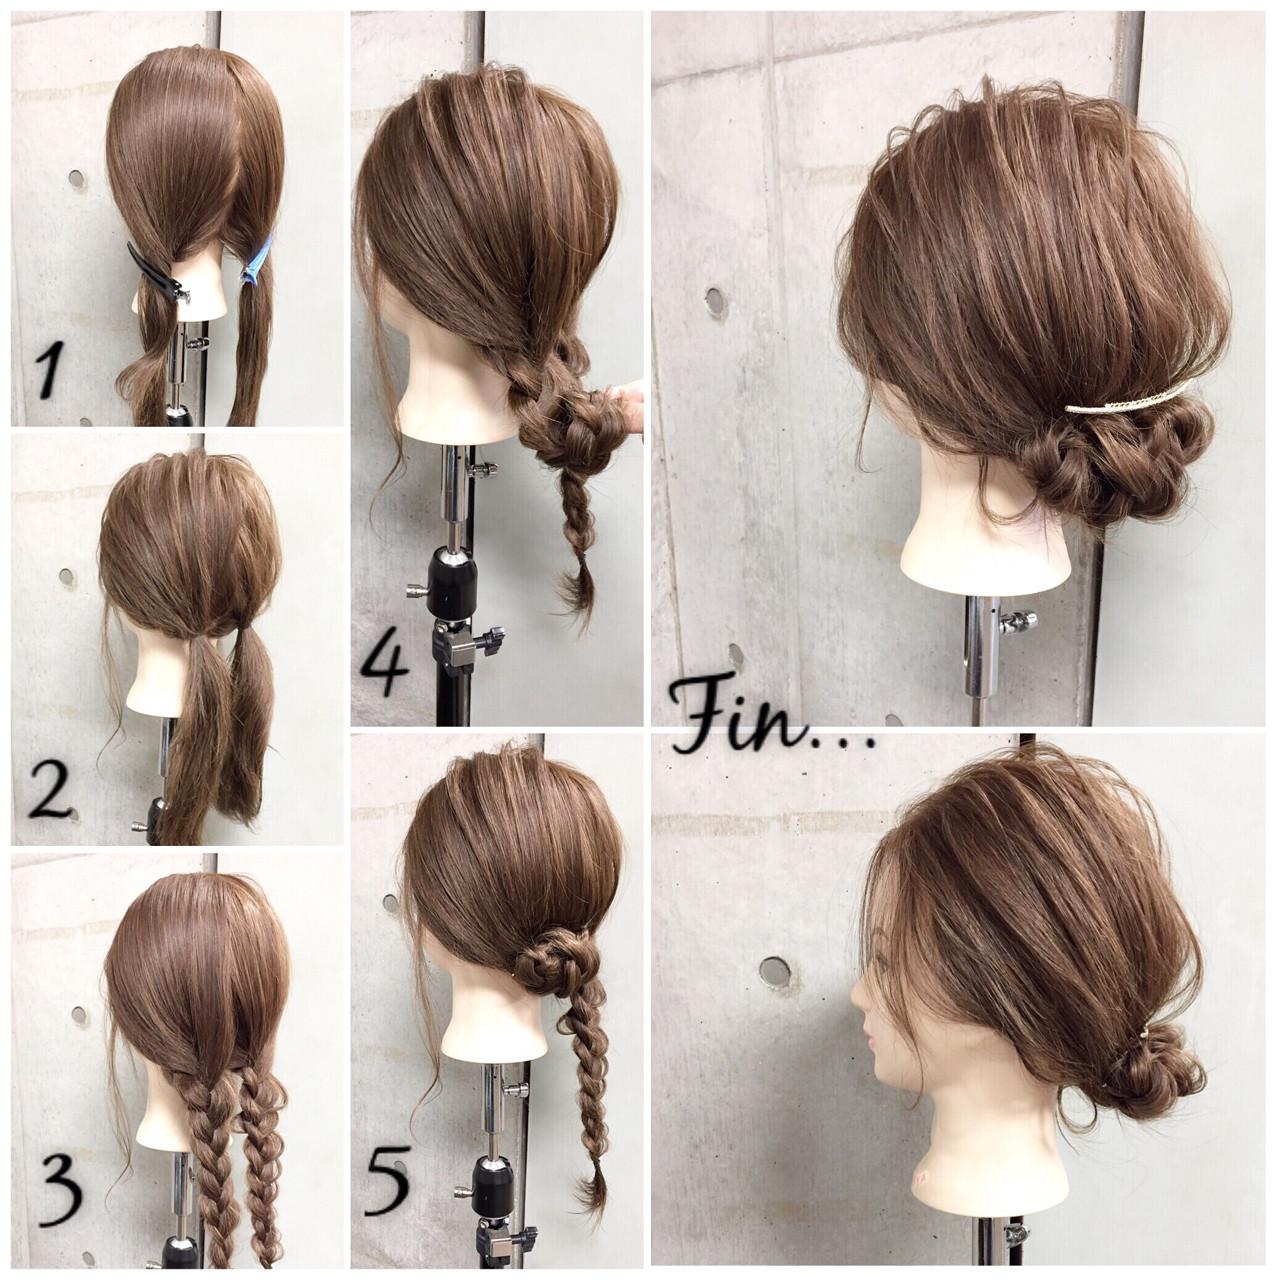 大人女子 セミロング ヘアアレンジ 簡単ヘアアレンジ ヘアスタイルや髪型の写真・画像